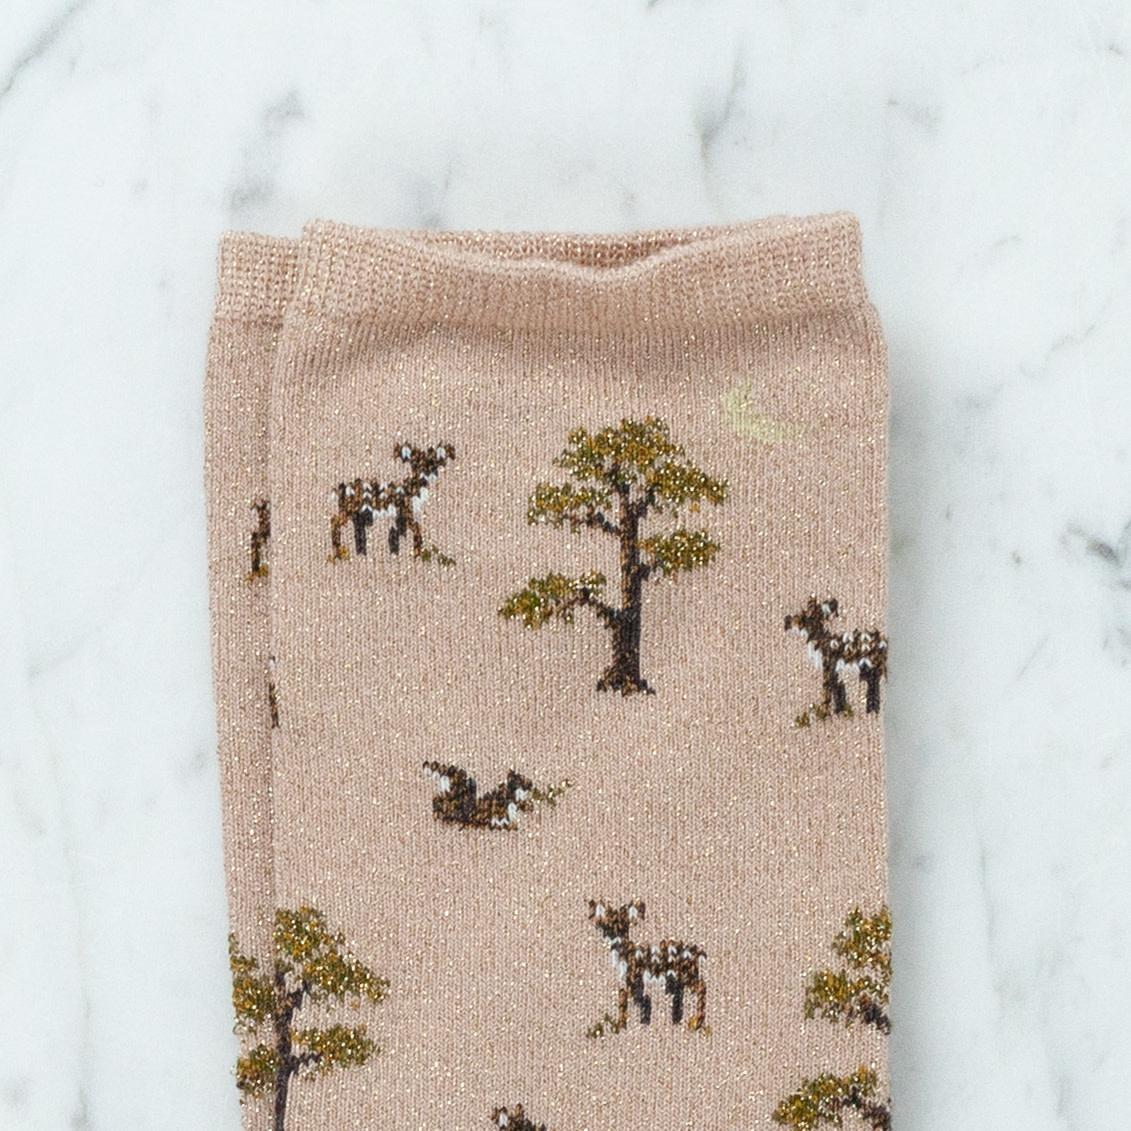 Royalties Paris Socks - Powder Beige Baby Deer